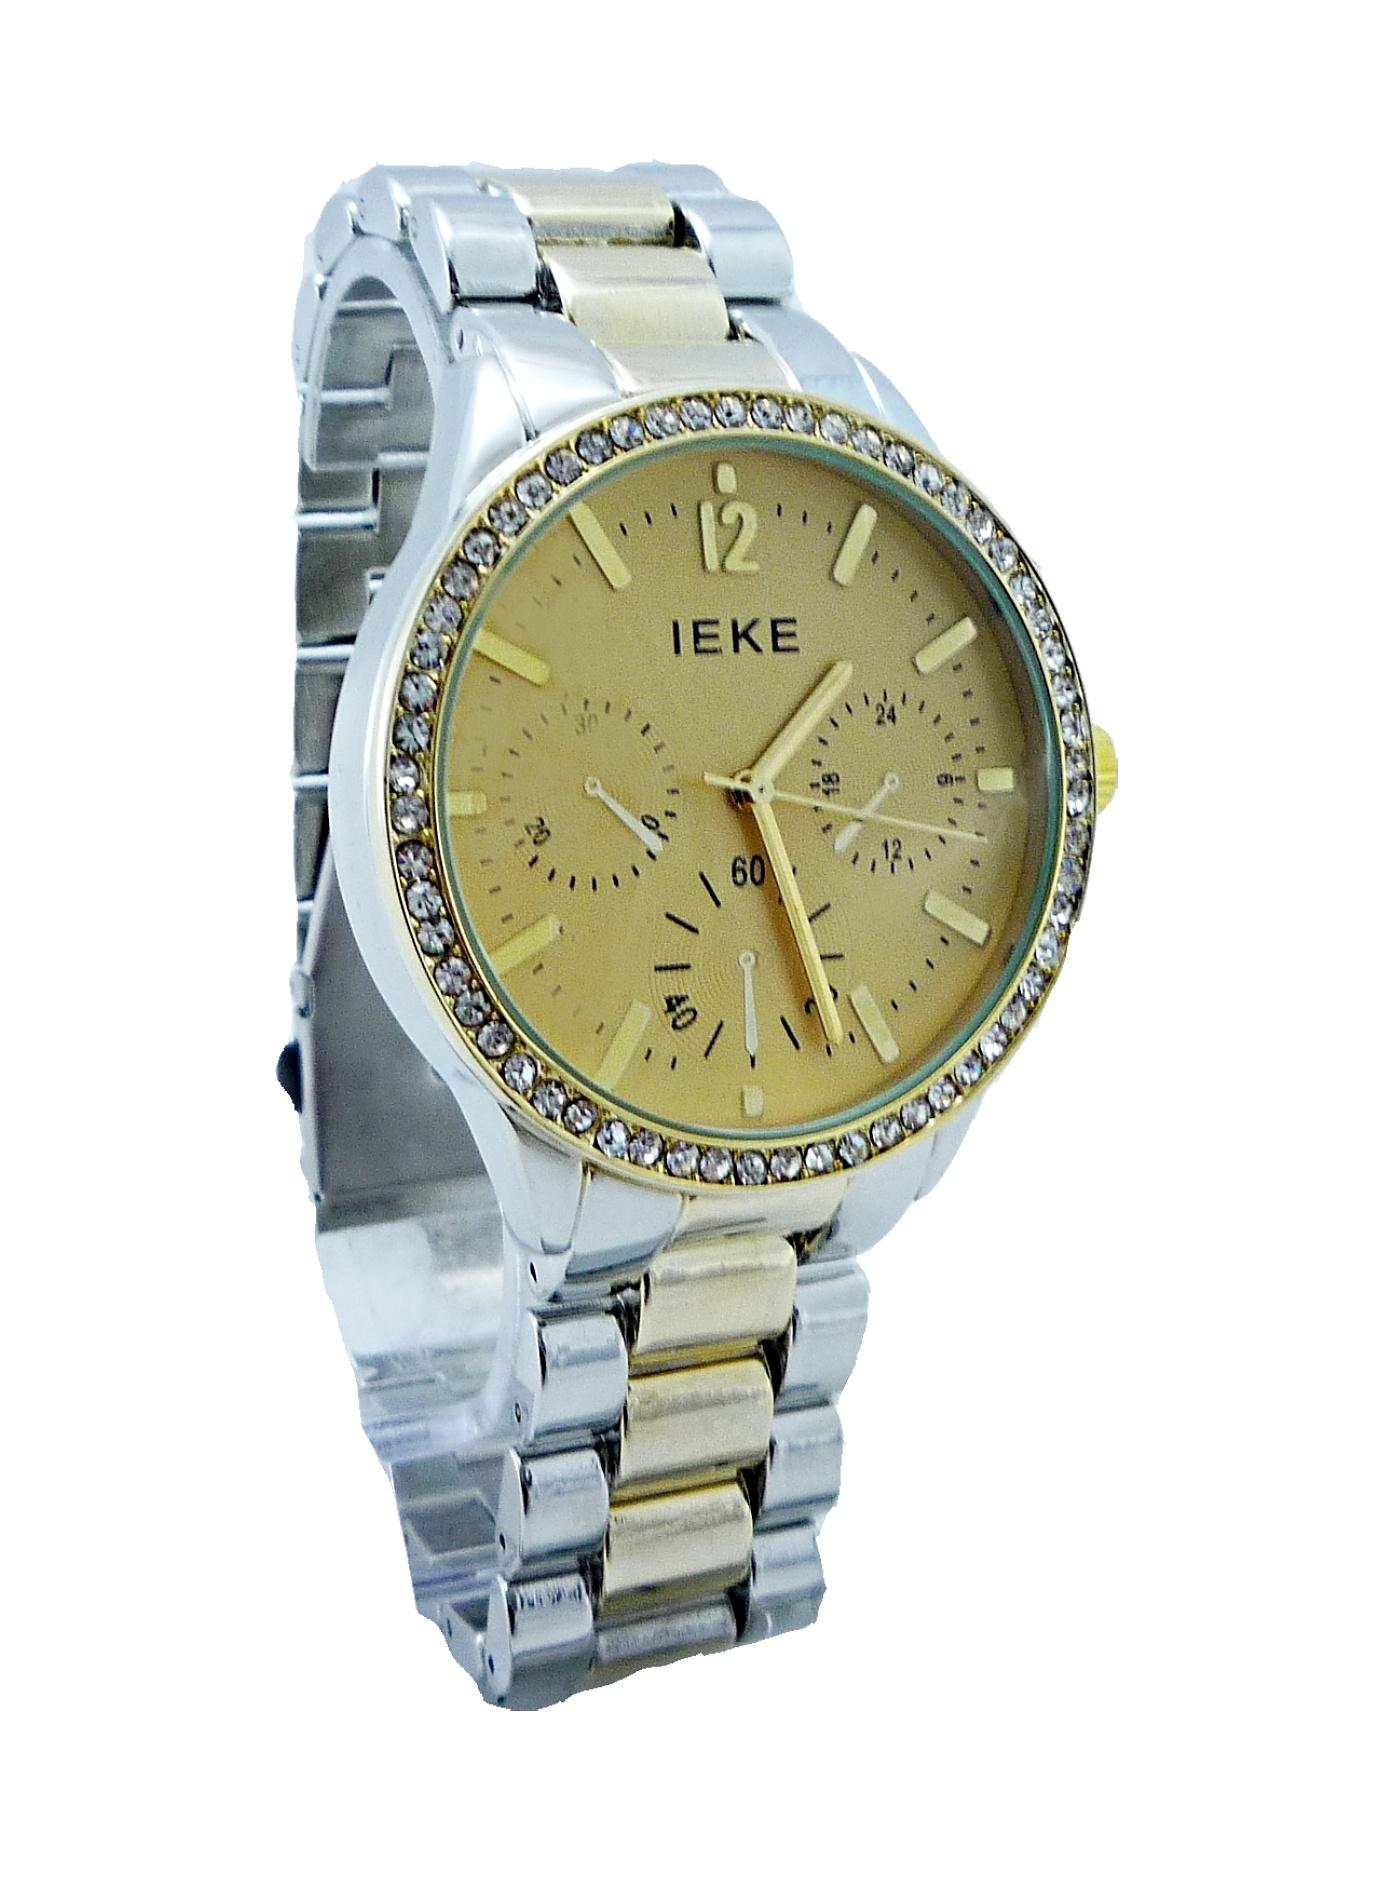 Dámské hodinky IEKE zlato-stříbrné 131D